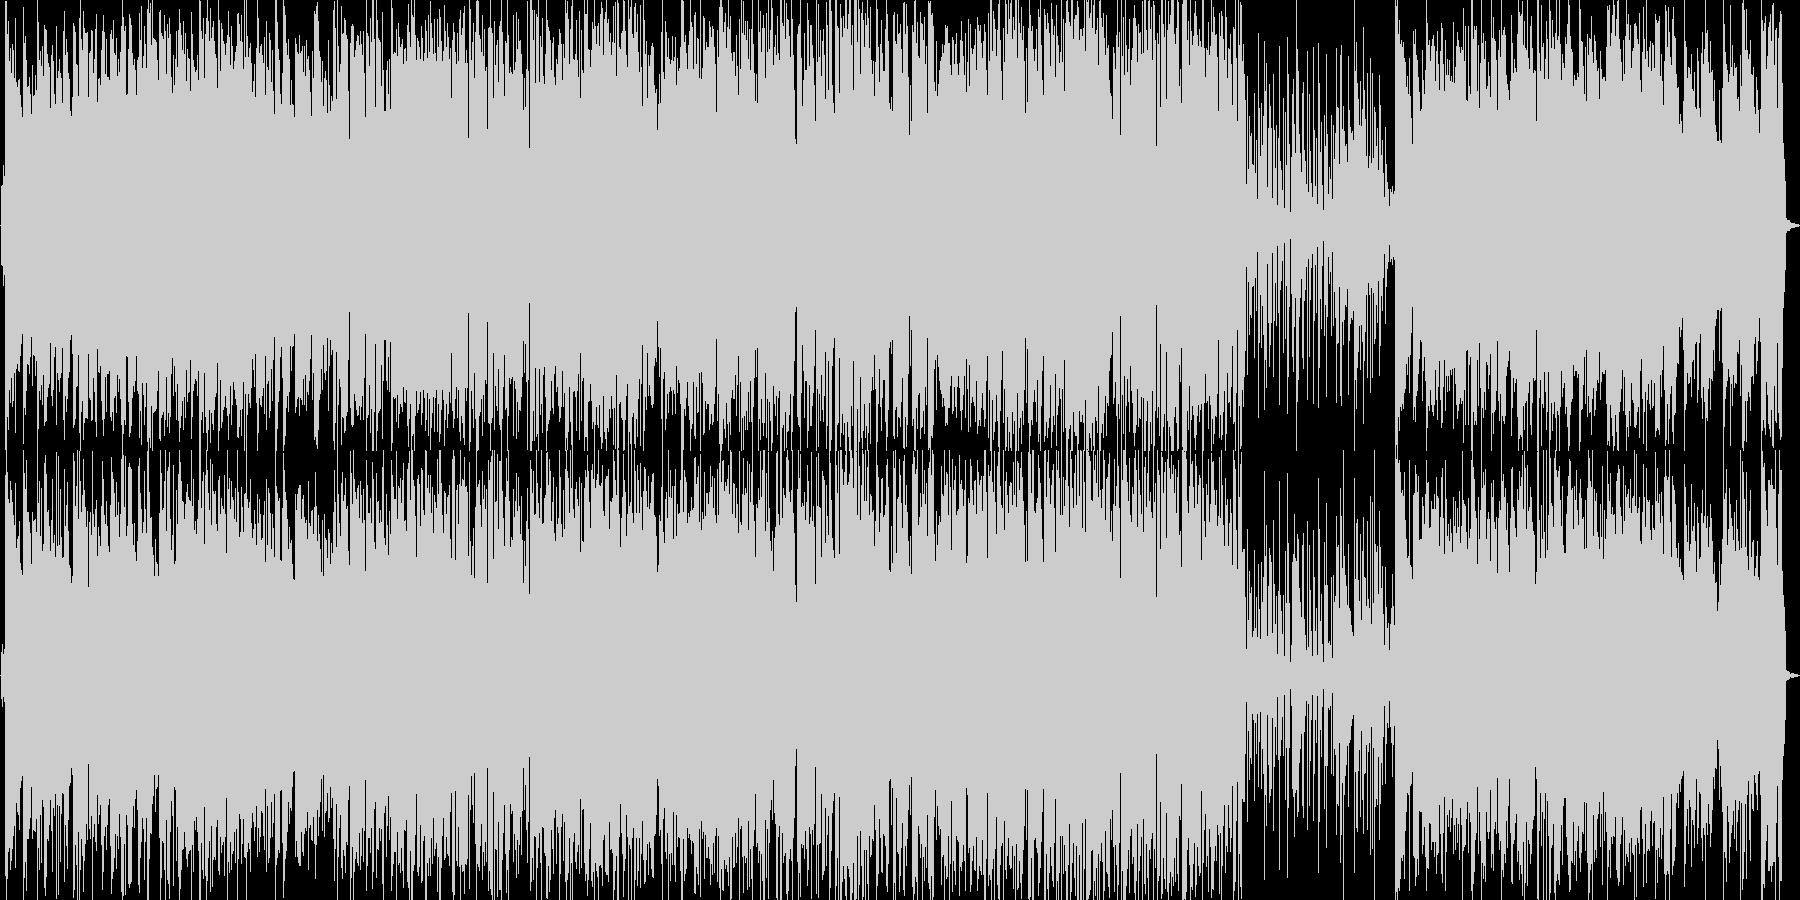 さわやかなで軽快なピアノトリオの未再生の波形